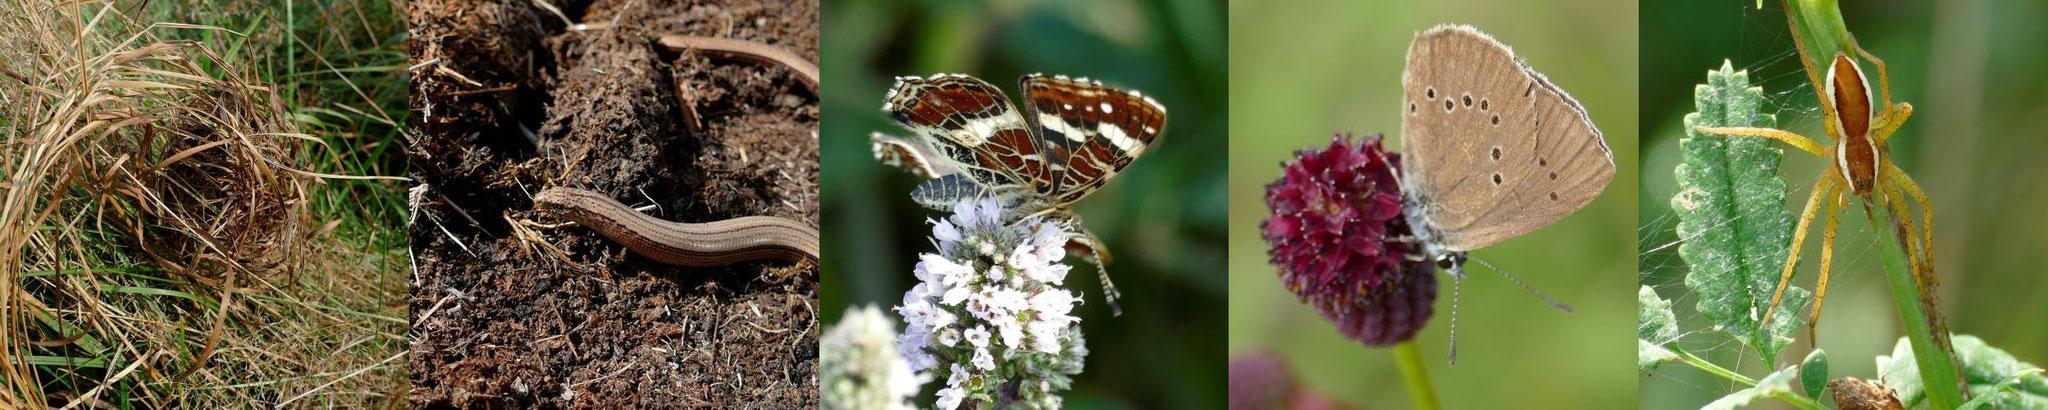 Ein Beitrag zum Erhalt der Biodiversität